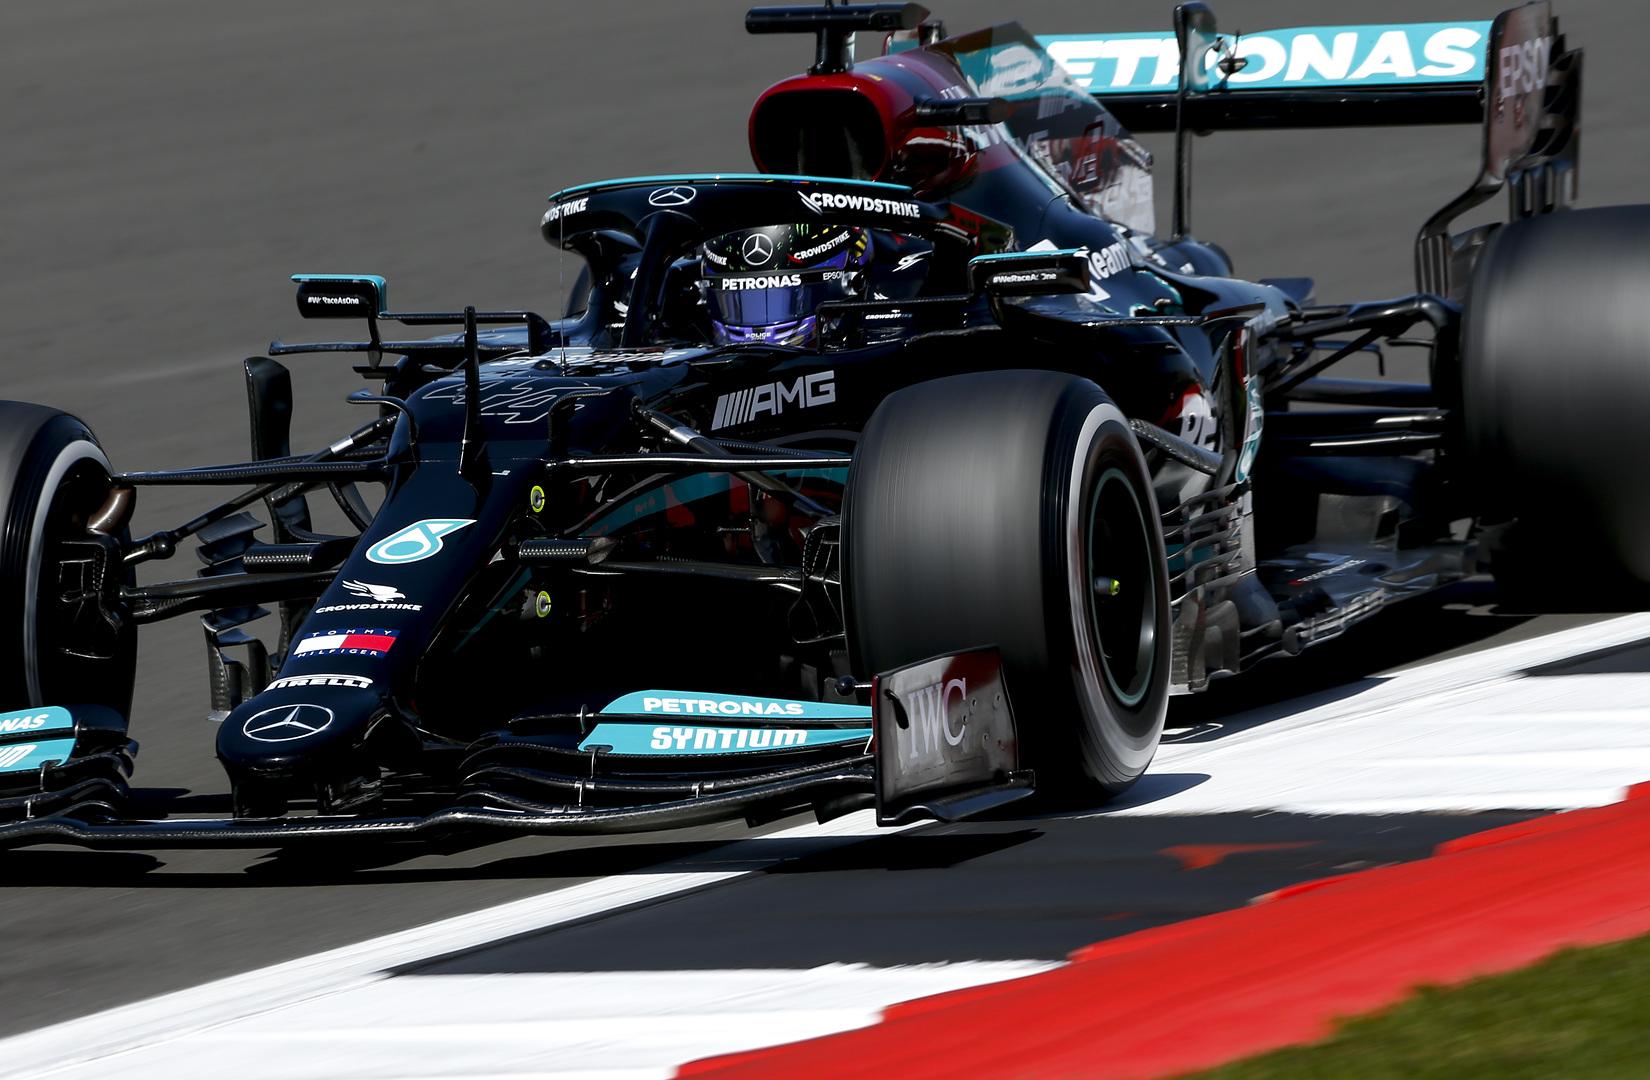 F1 - Après la course sprint, Mercedes a une idée plus précise du rythme de chacun